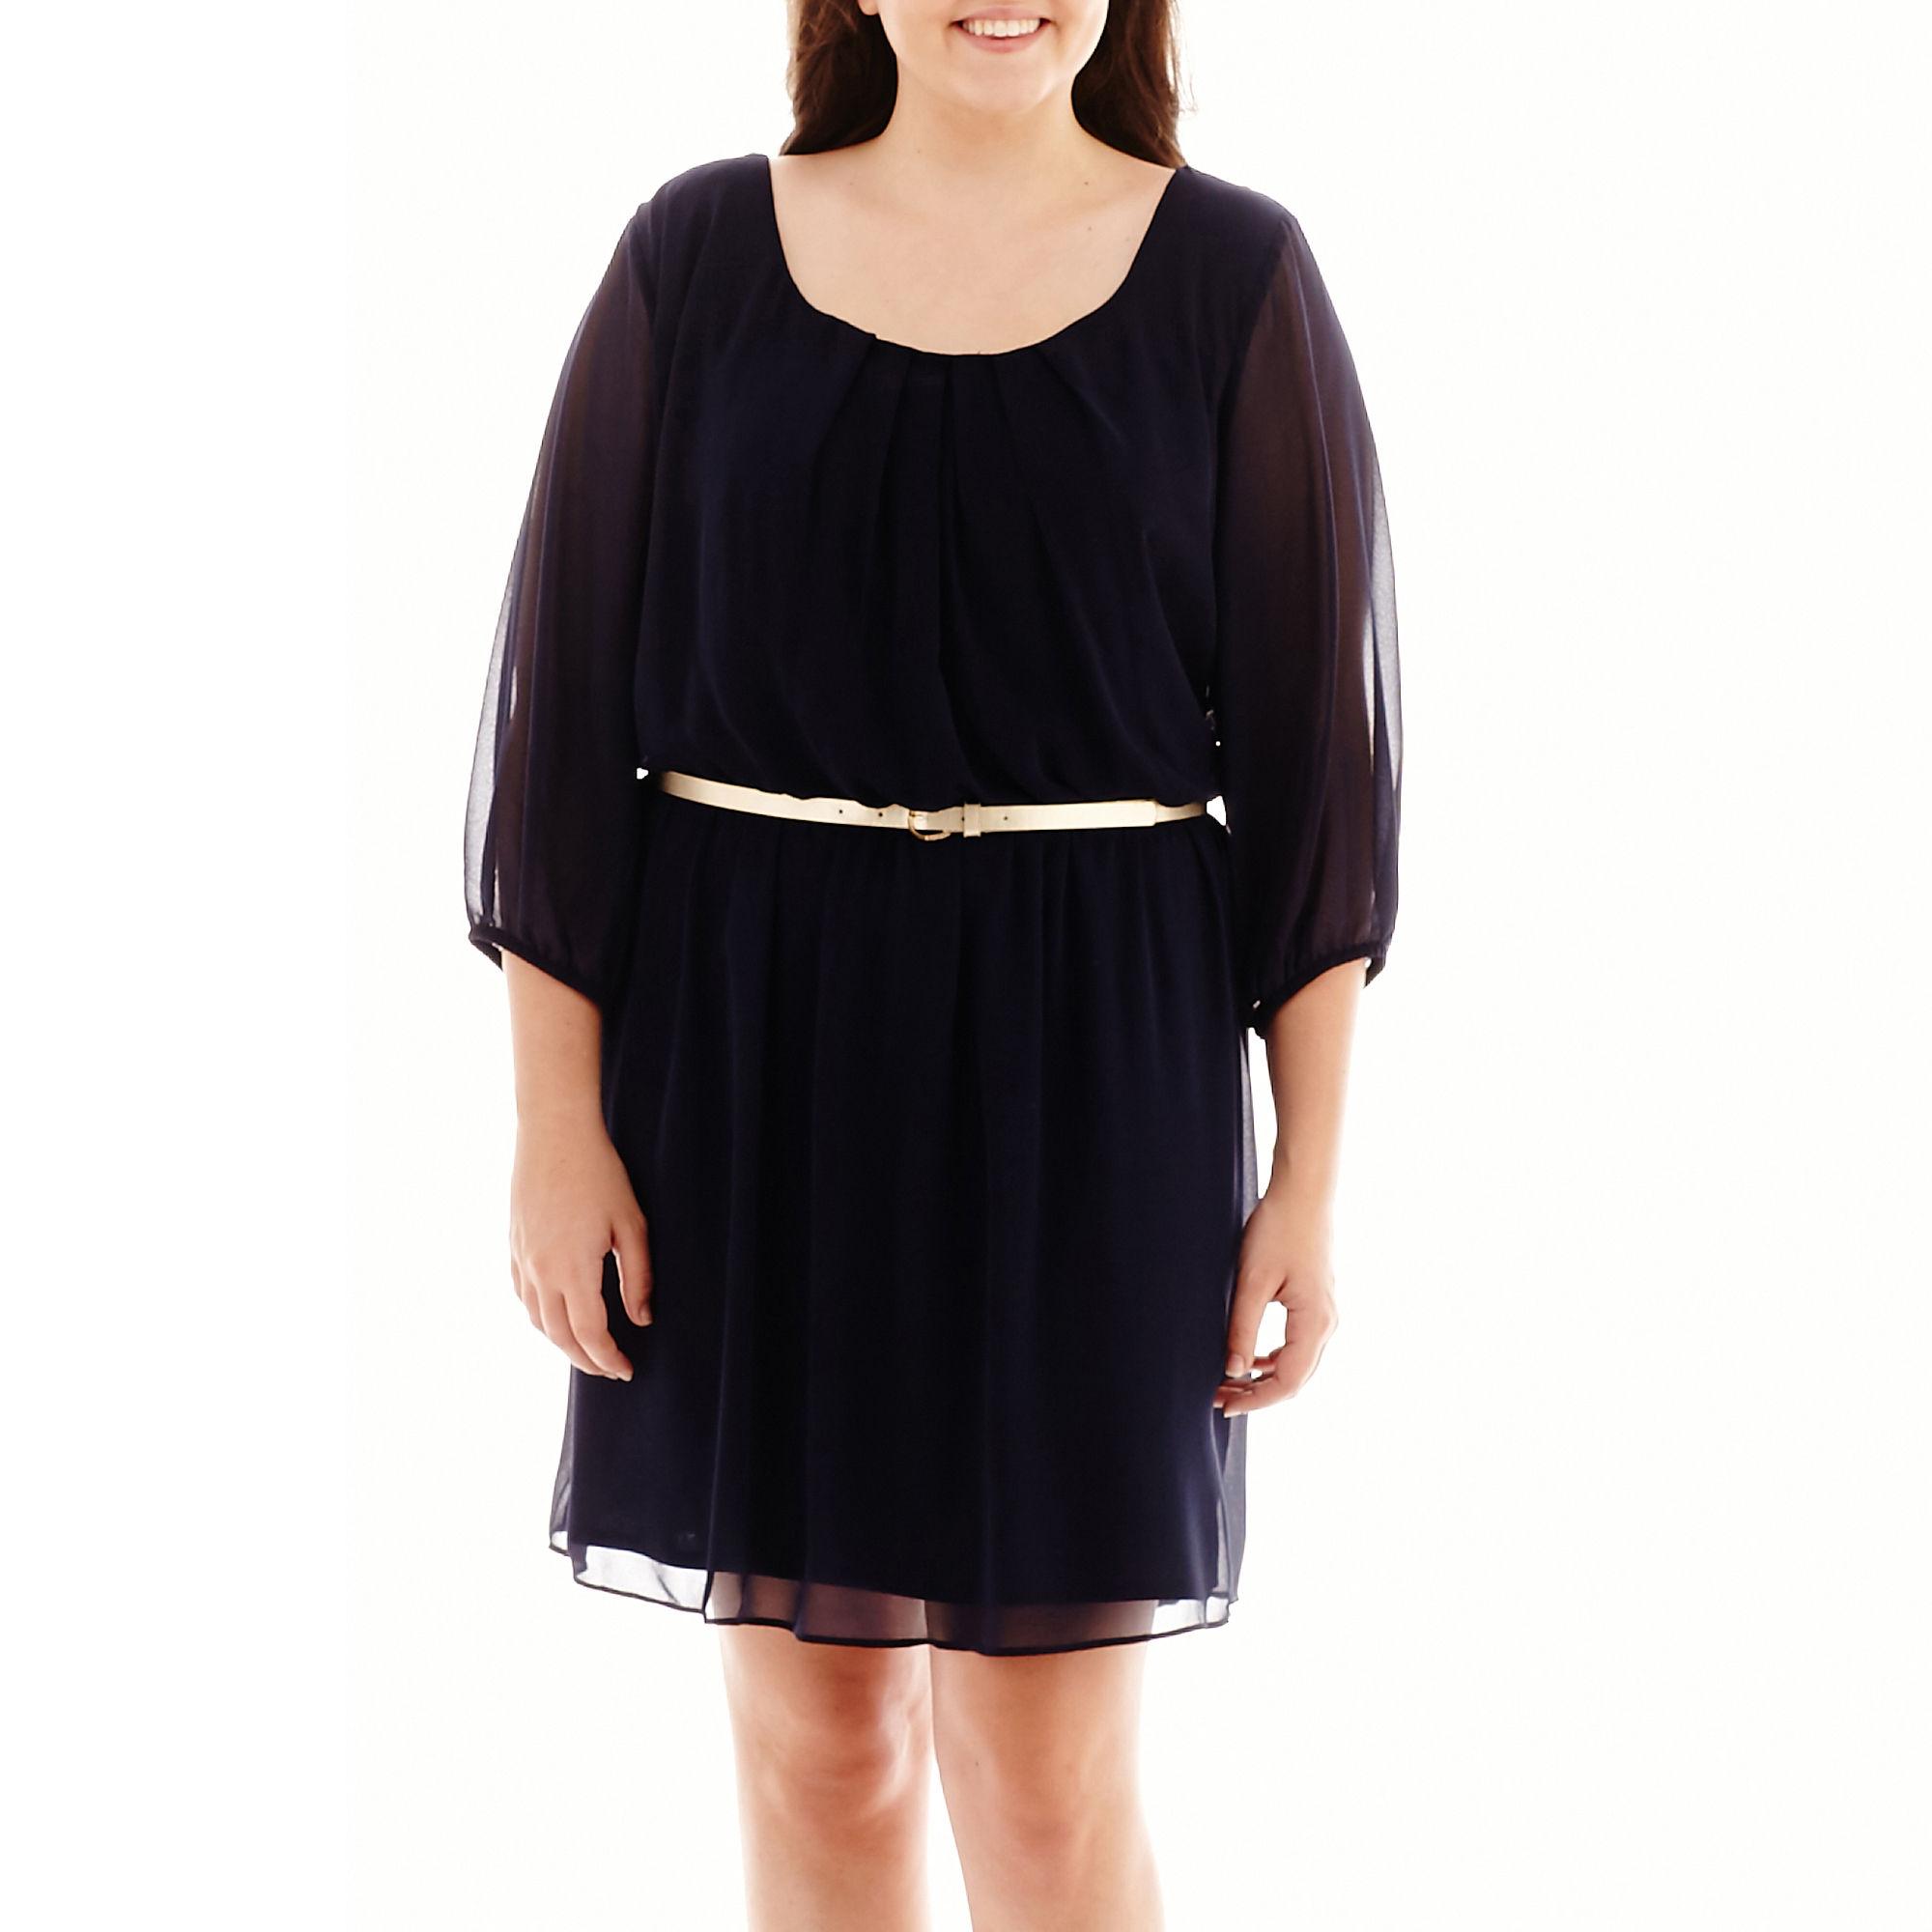 Plus Size Club Dresses Under $20 34